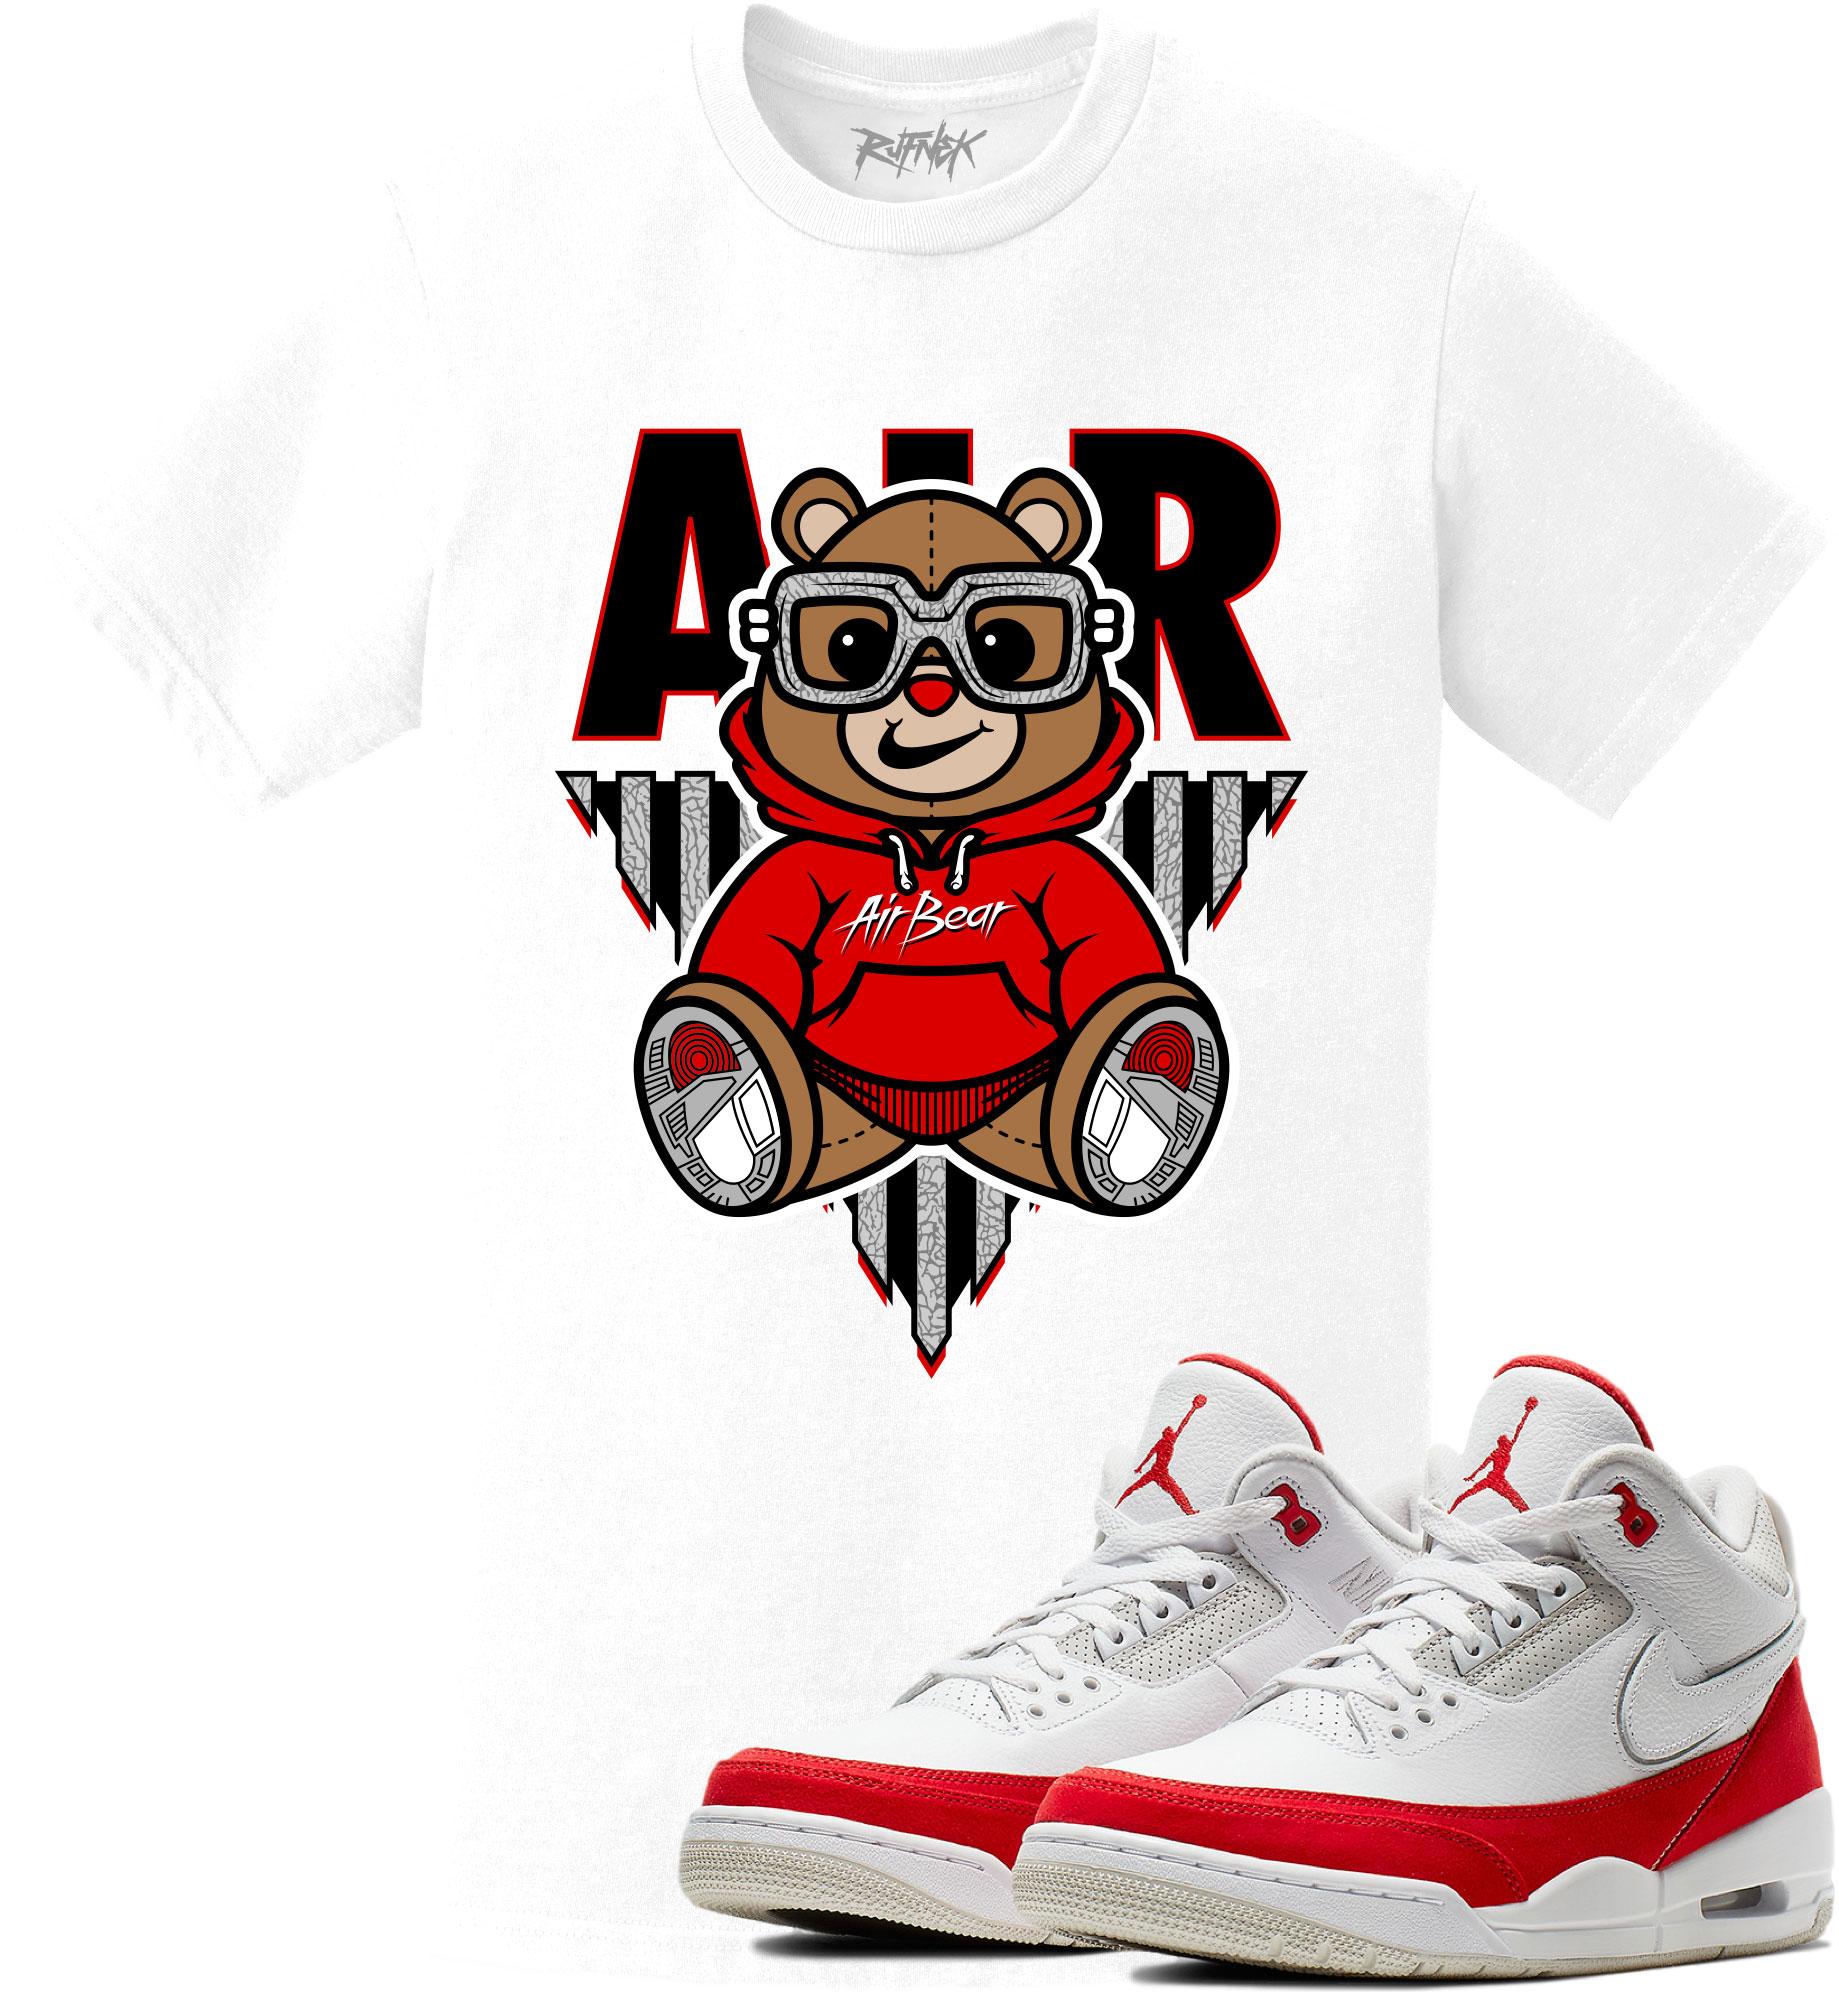 tinker-jordan-3-air-max-1-sneaker-match-shirt